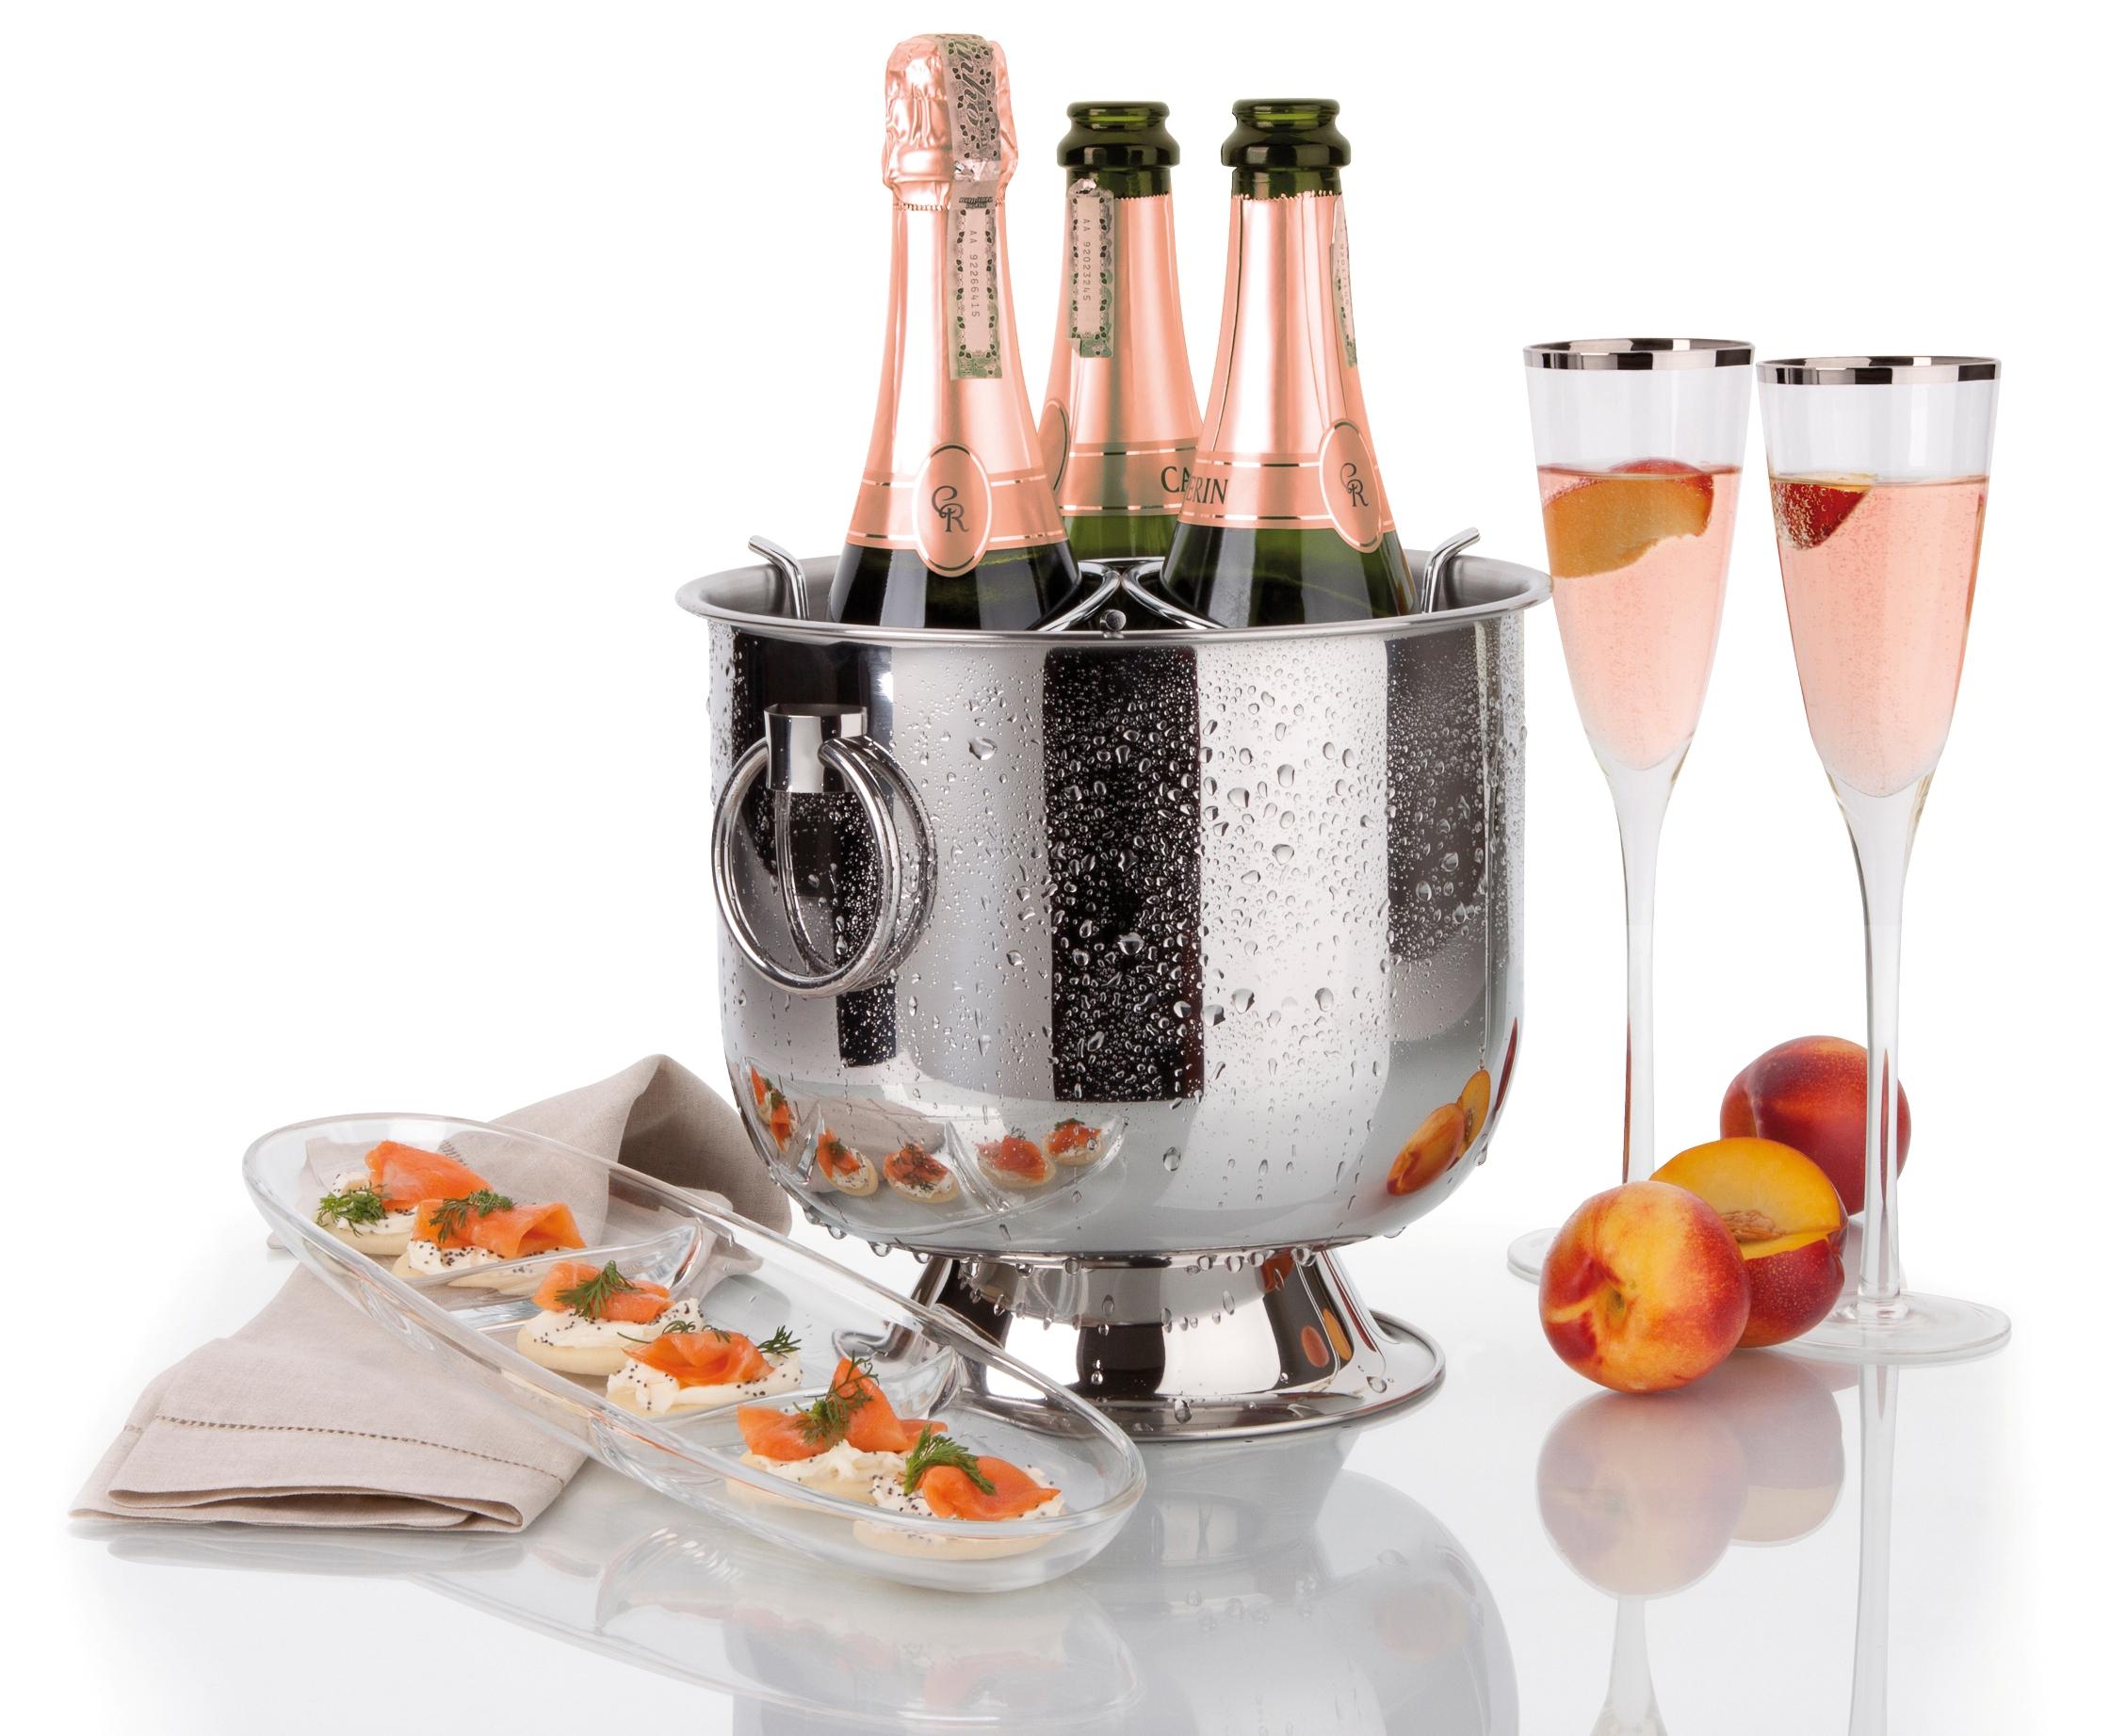 Champagneira com Base Coletora, Alças e Grelha Separadora